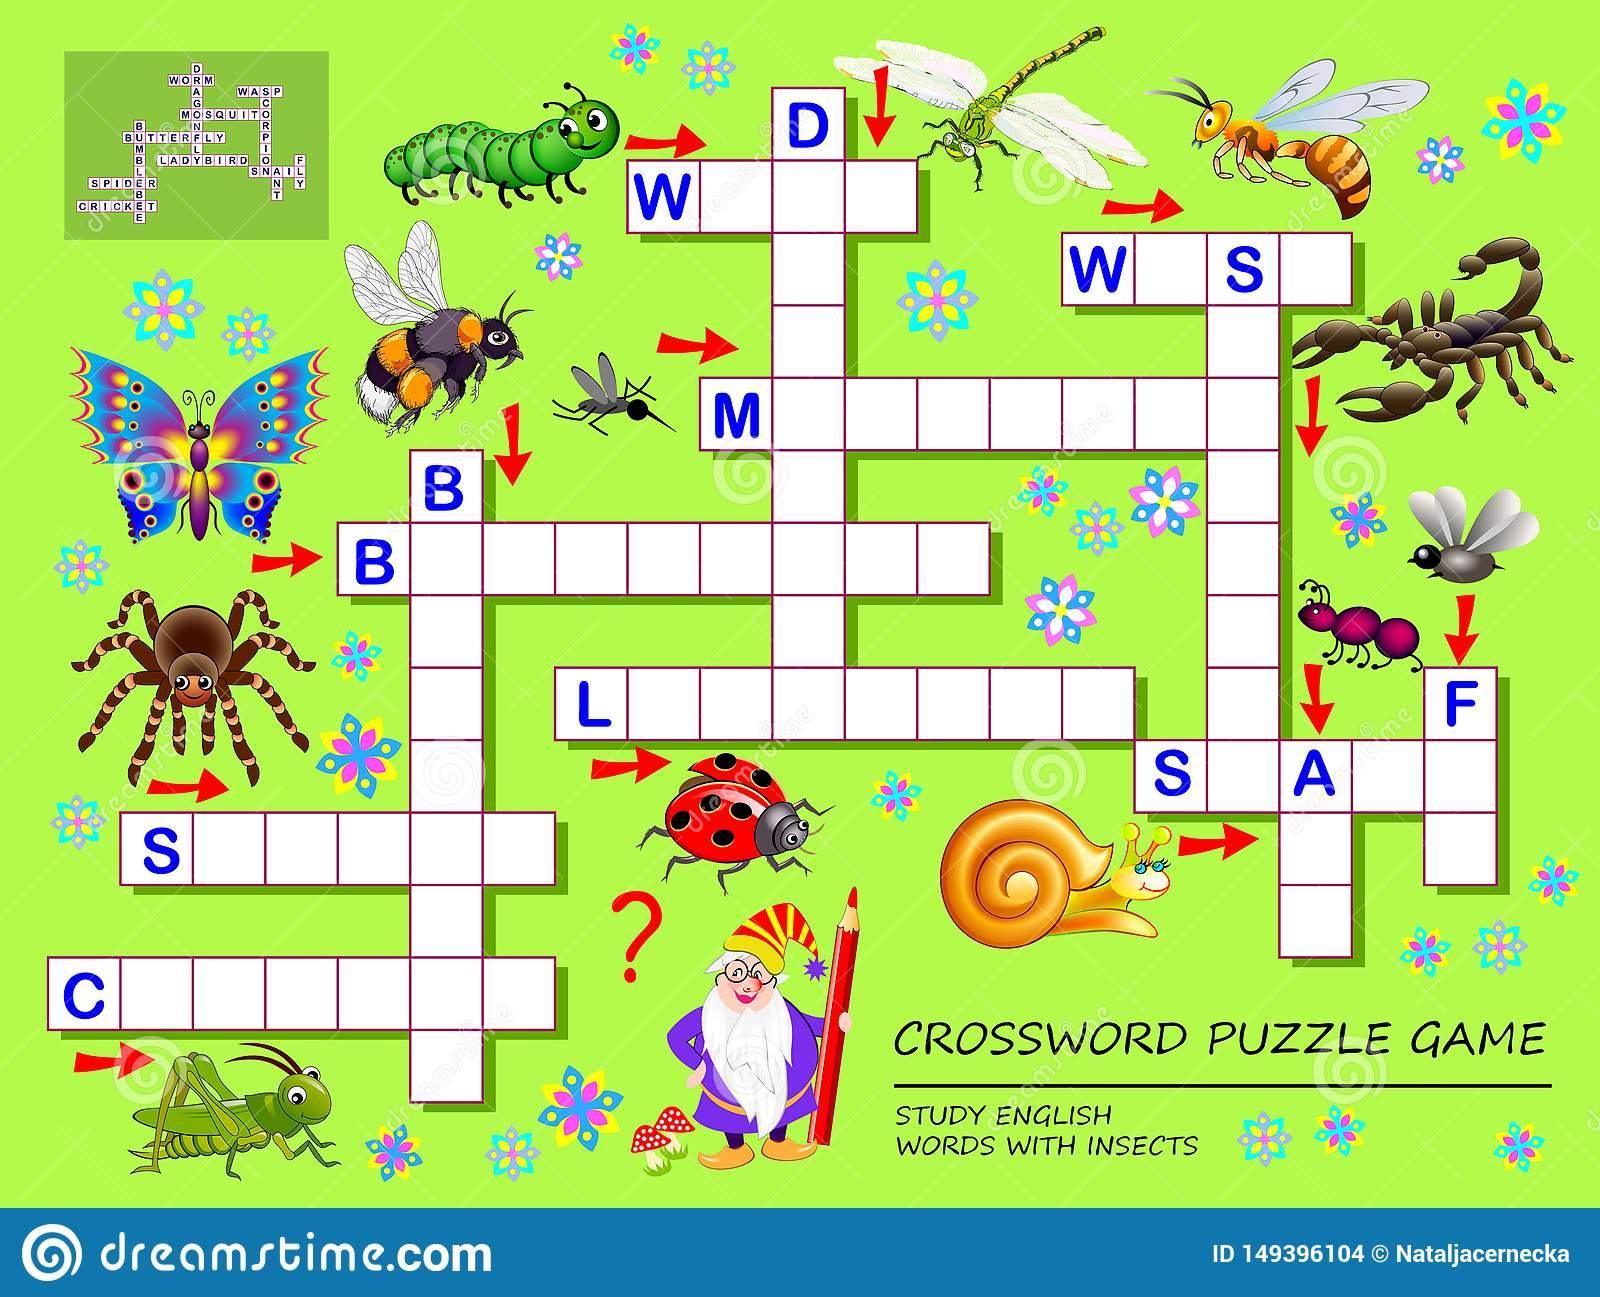 Jeu De Jeu De Mots Croisé Pour Des Enfants Avec Les Insectes encequiconcerne Jeux De Mots Pour Enfants